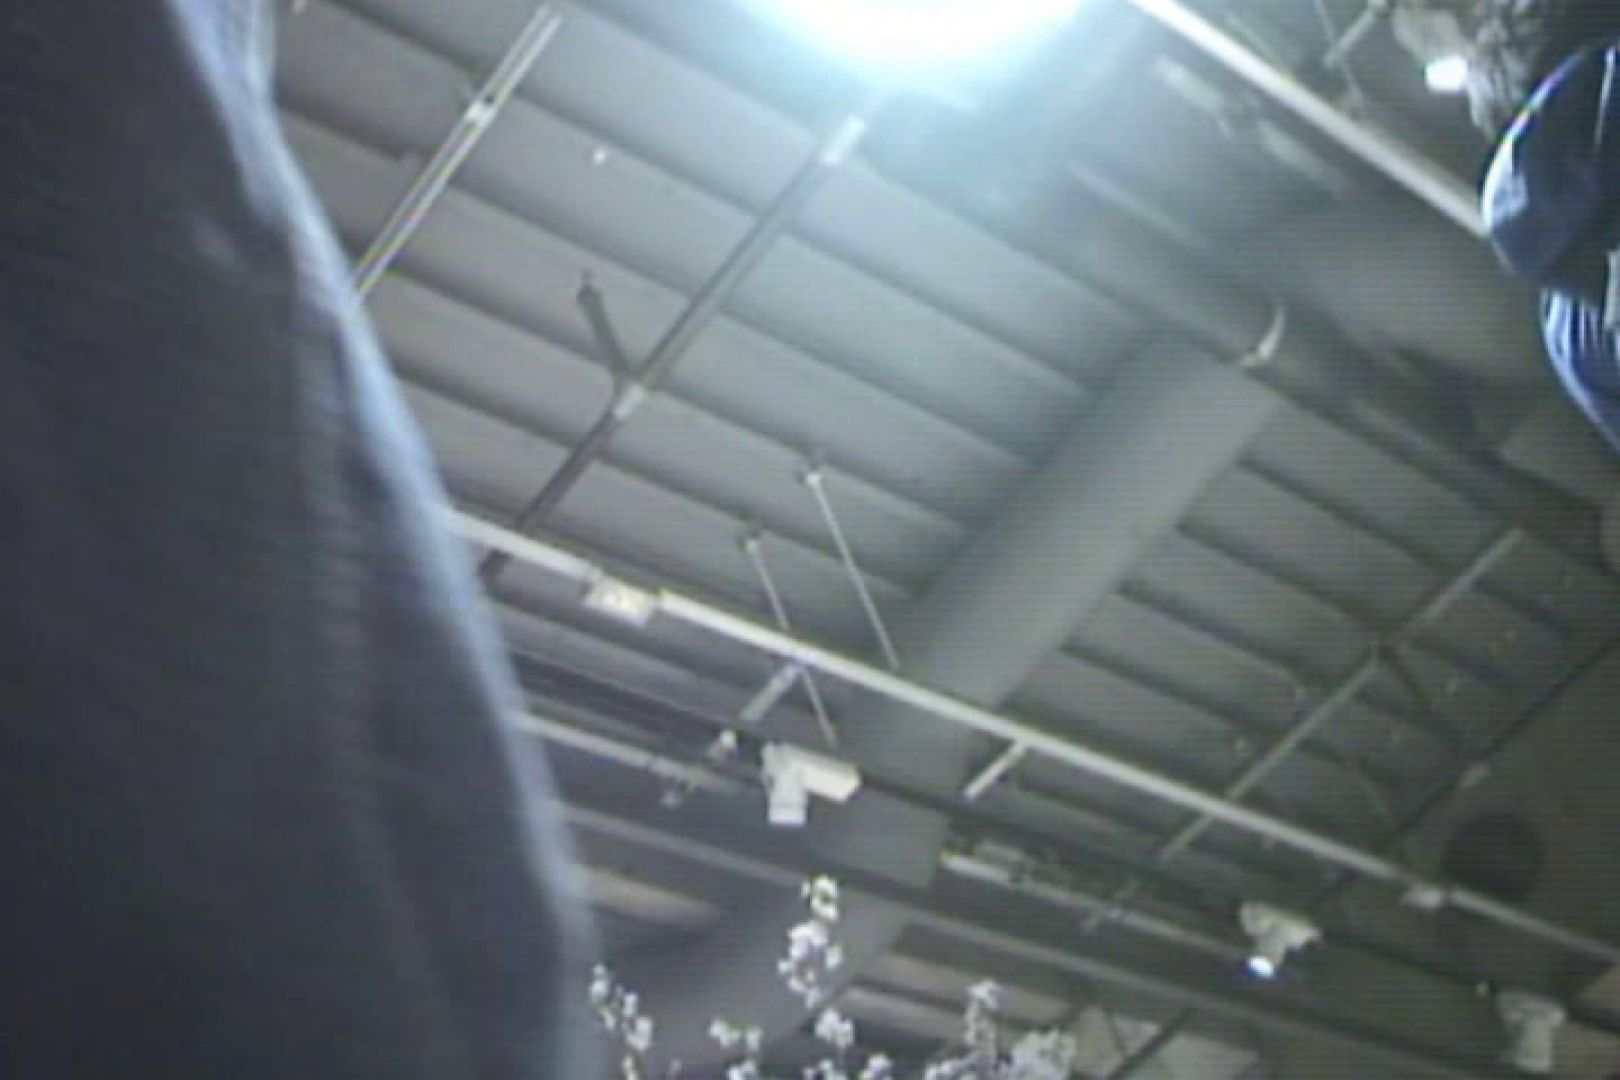 しんさんの逆さバイキングVol.30 ミニスカート | OLエロ画像  34PICs 17